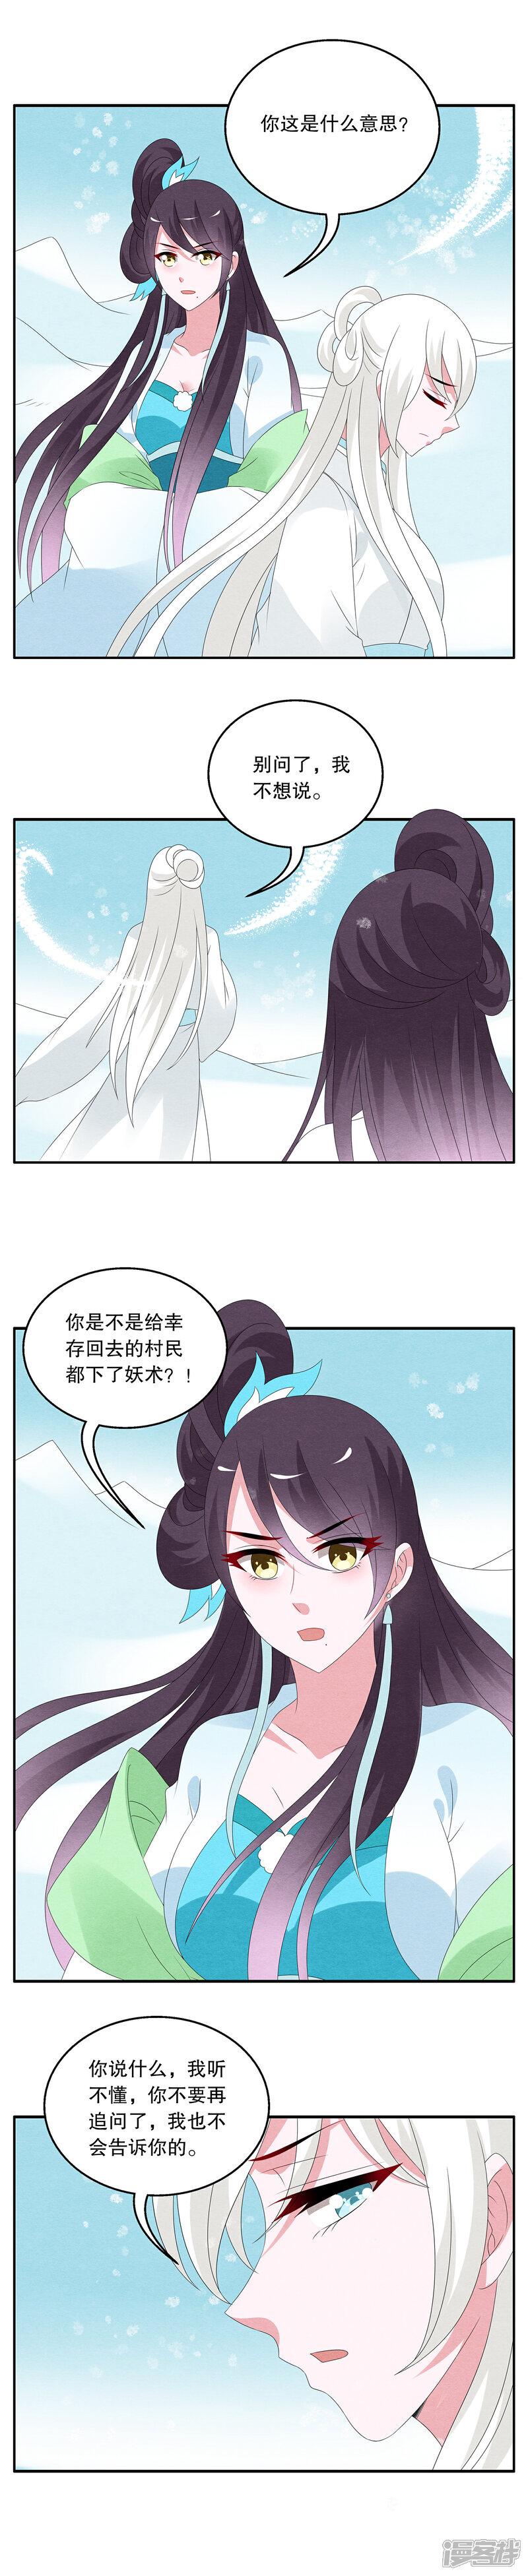 洛小妖90910013.JPG